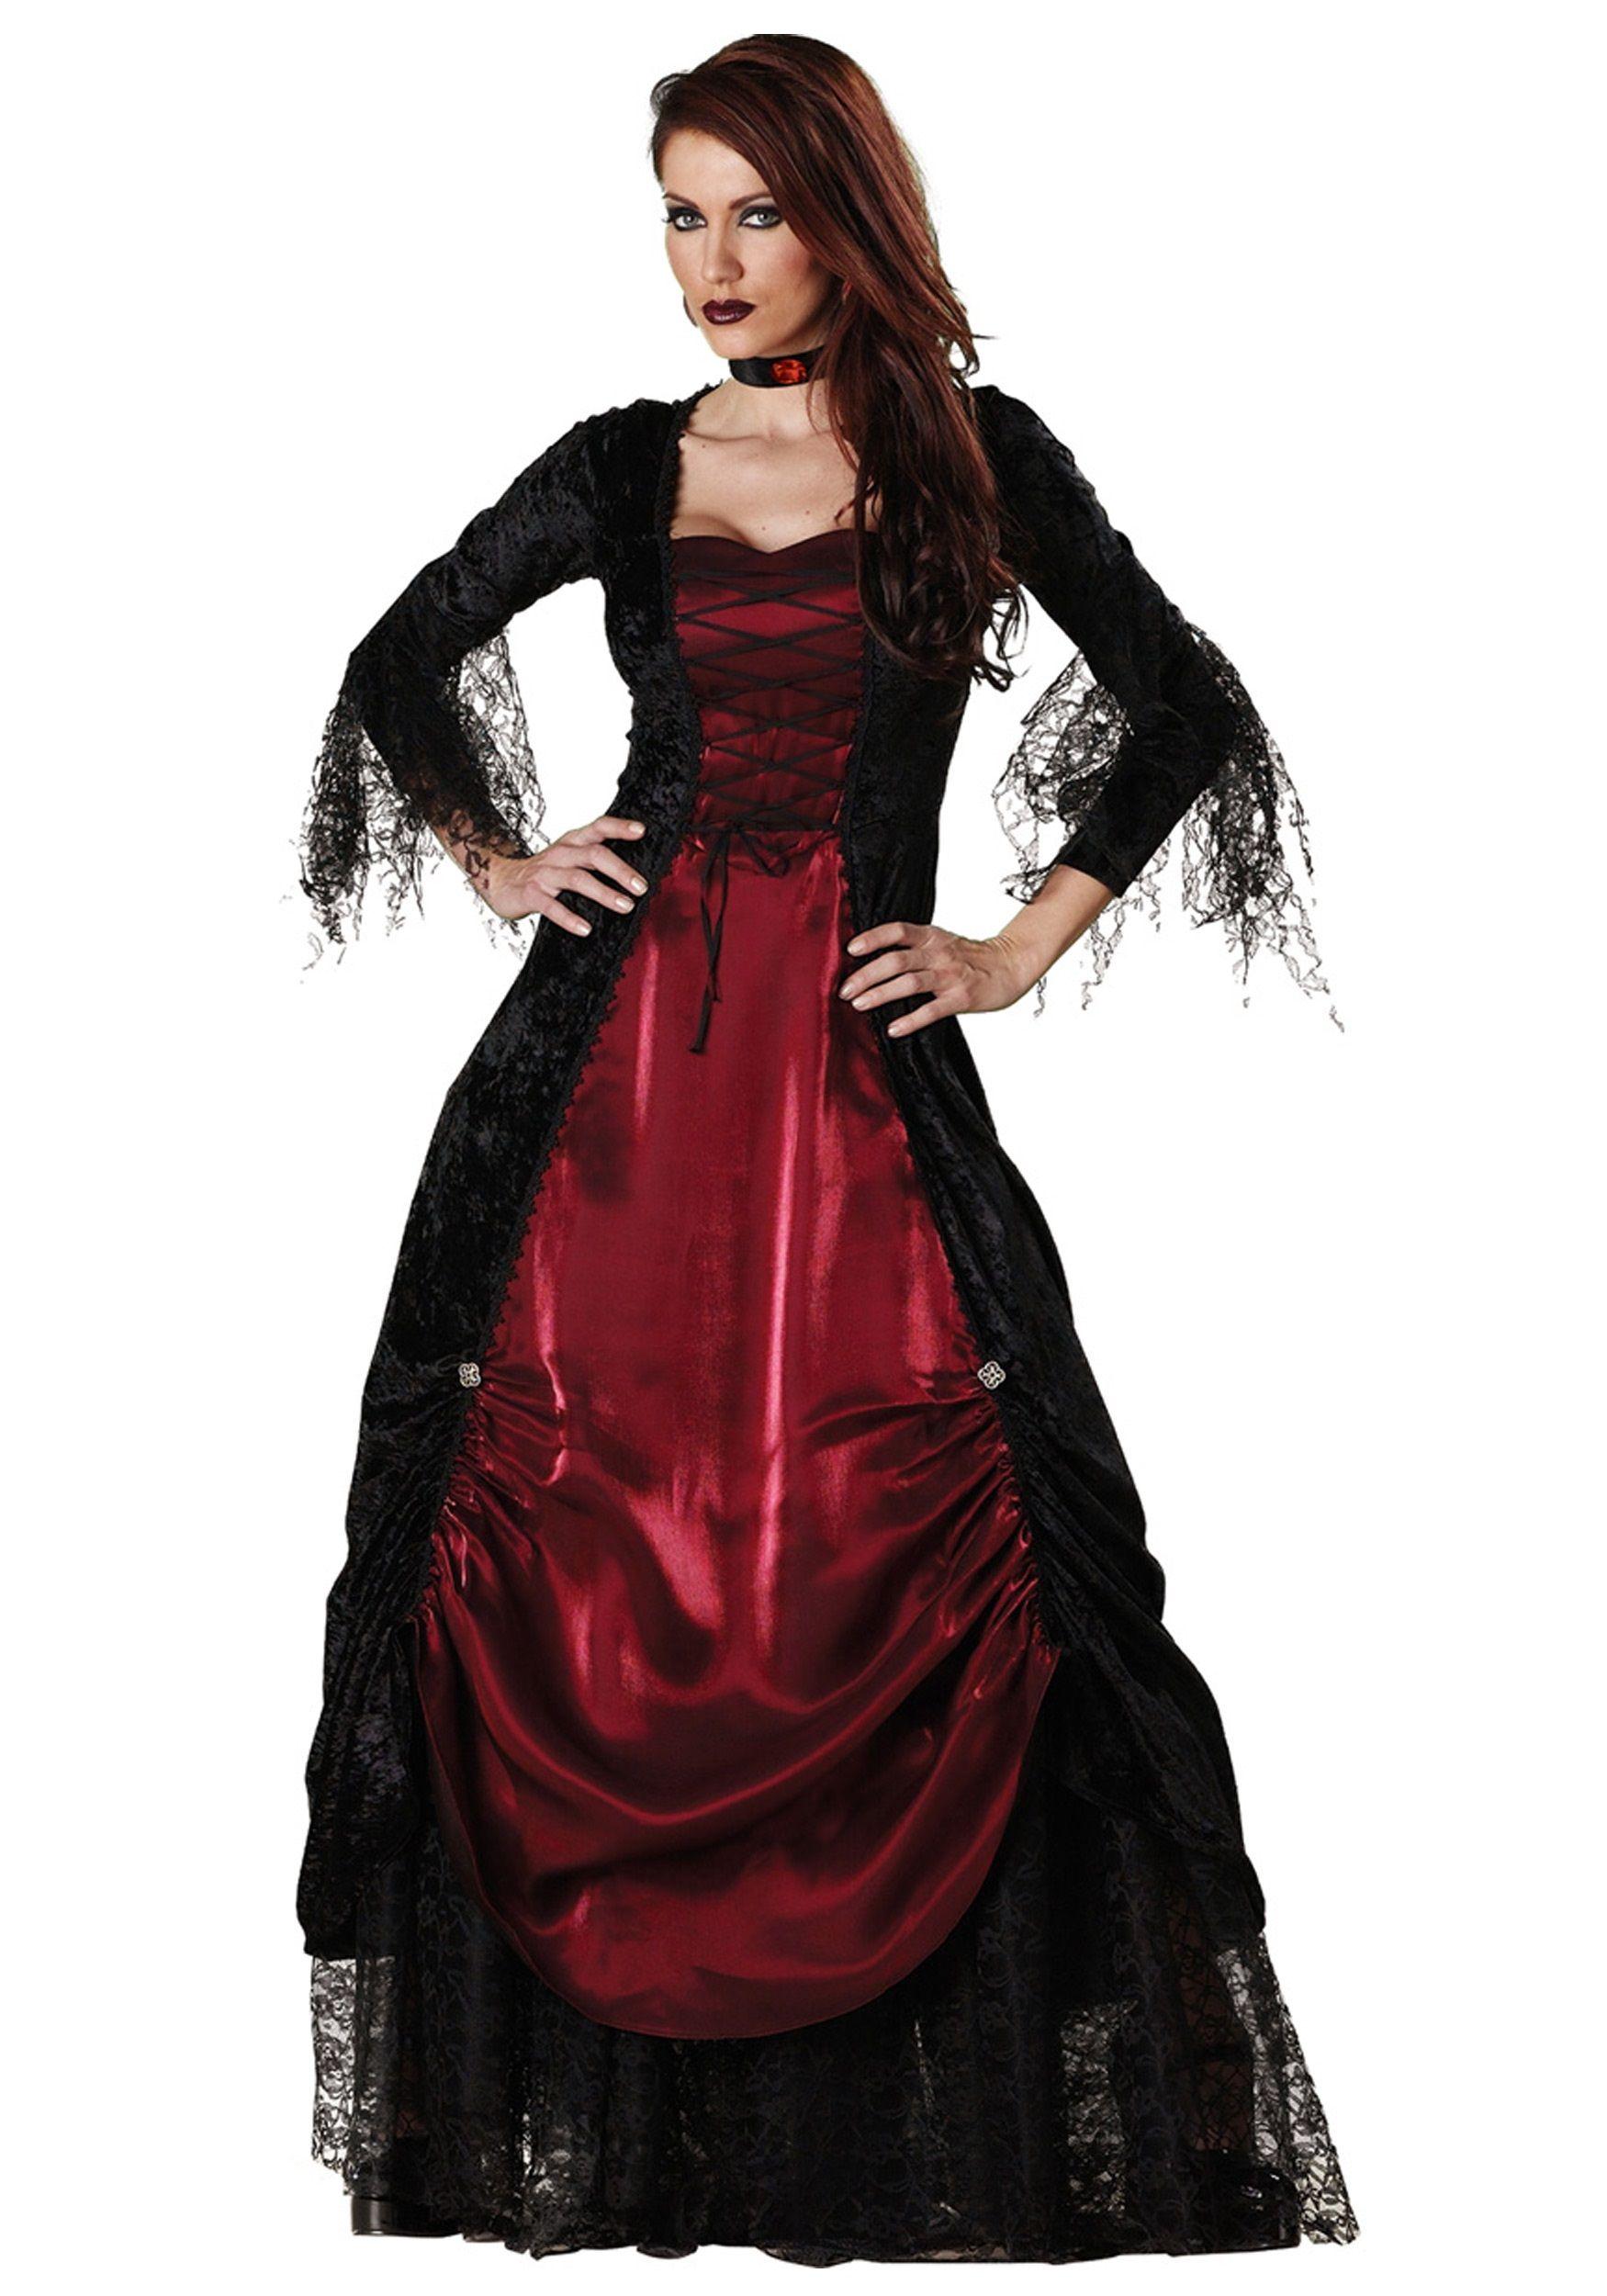 Deluxe Vampira Costume Halloween fancy dress, Gothic